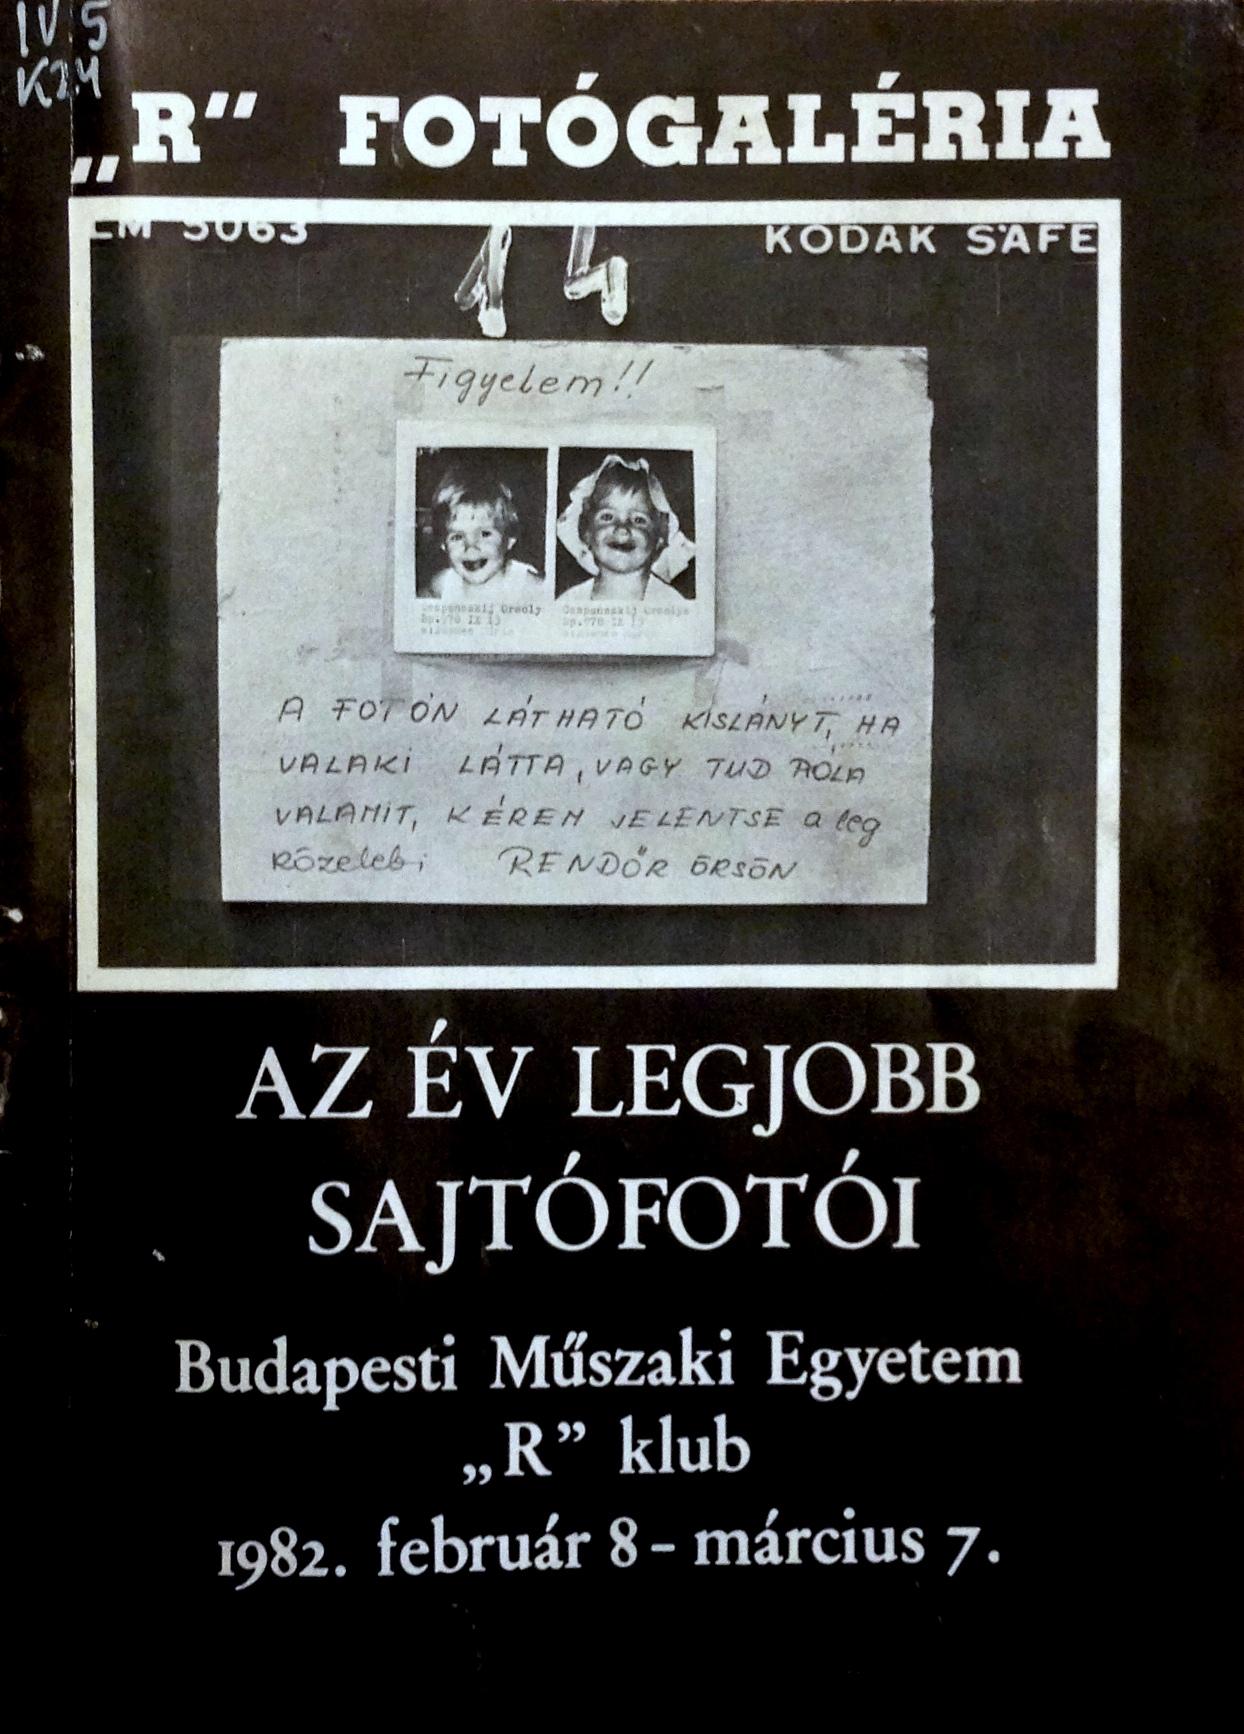 azelsosajtofotokiallitas1982.JPG